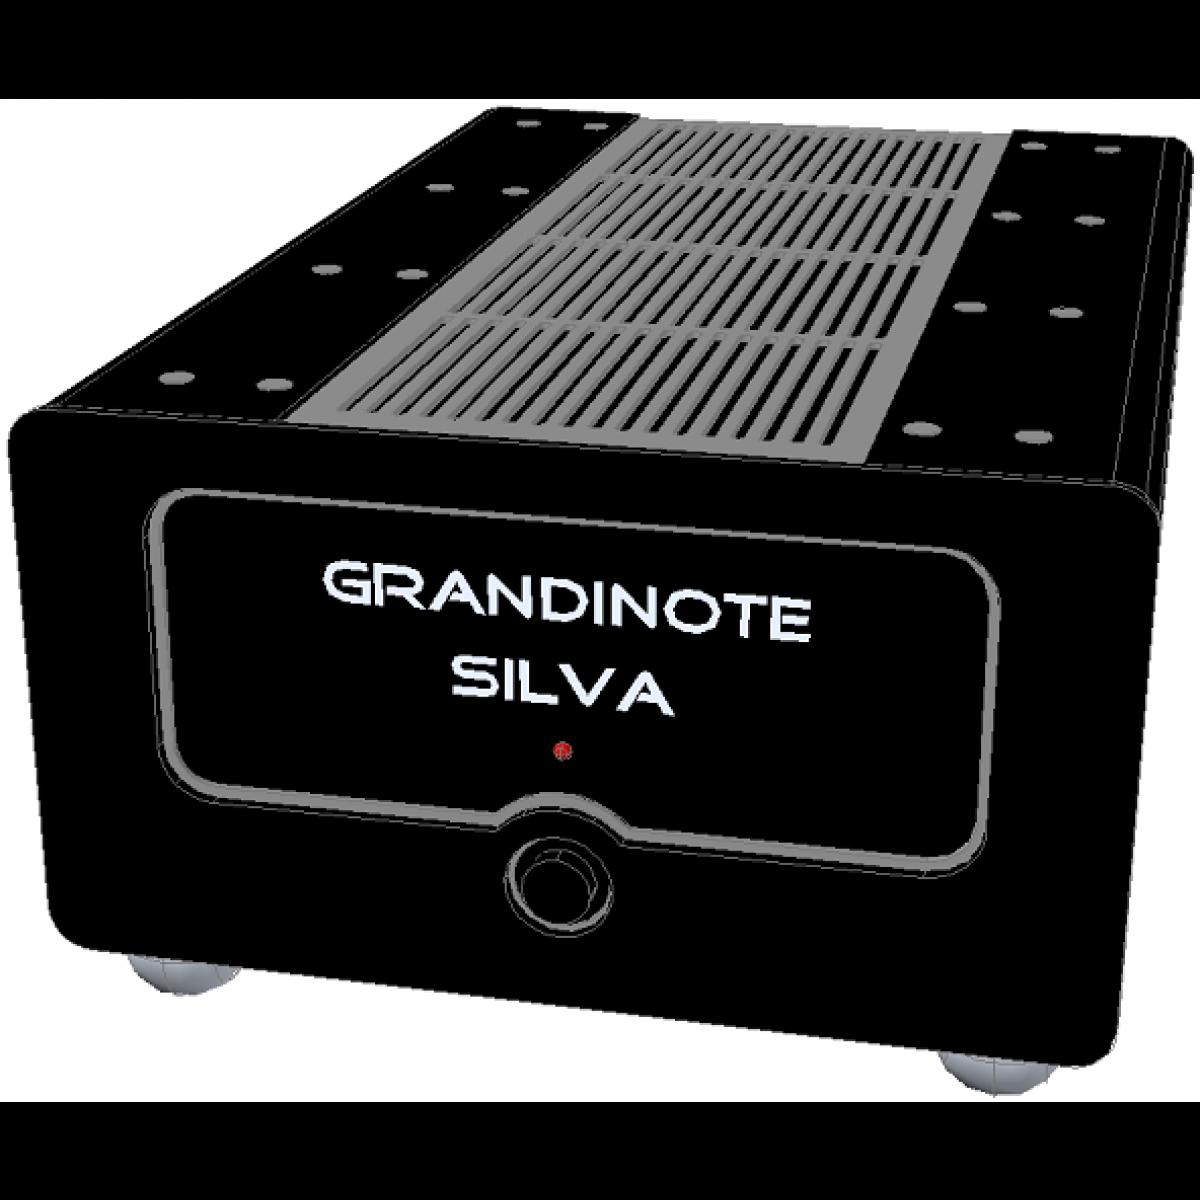 Grandinote Silva